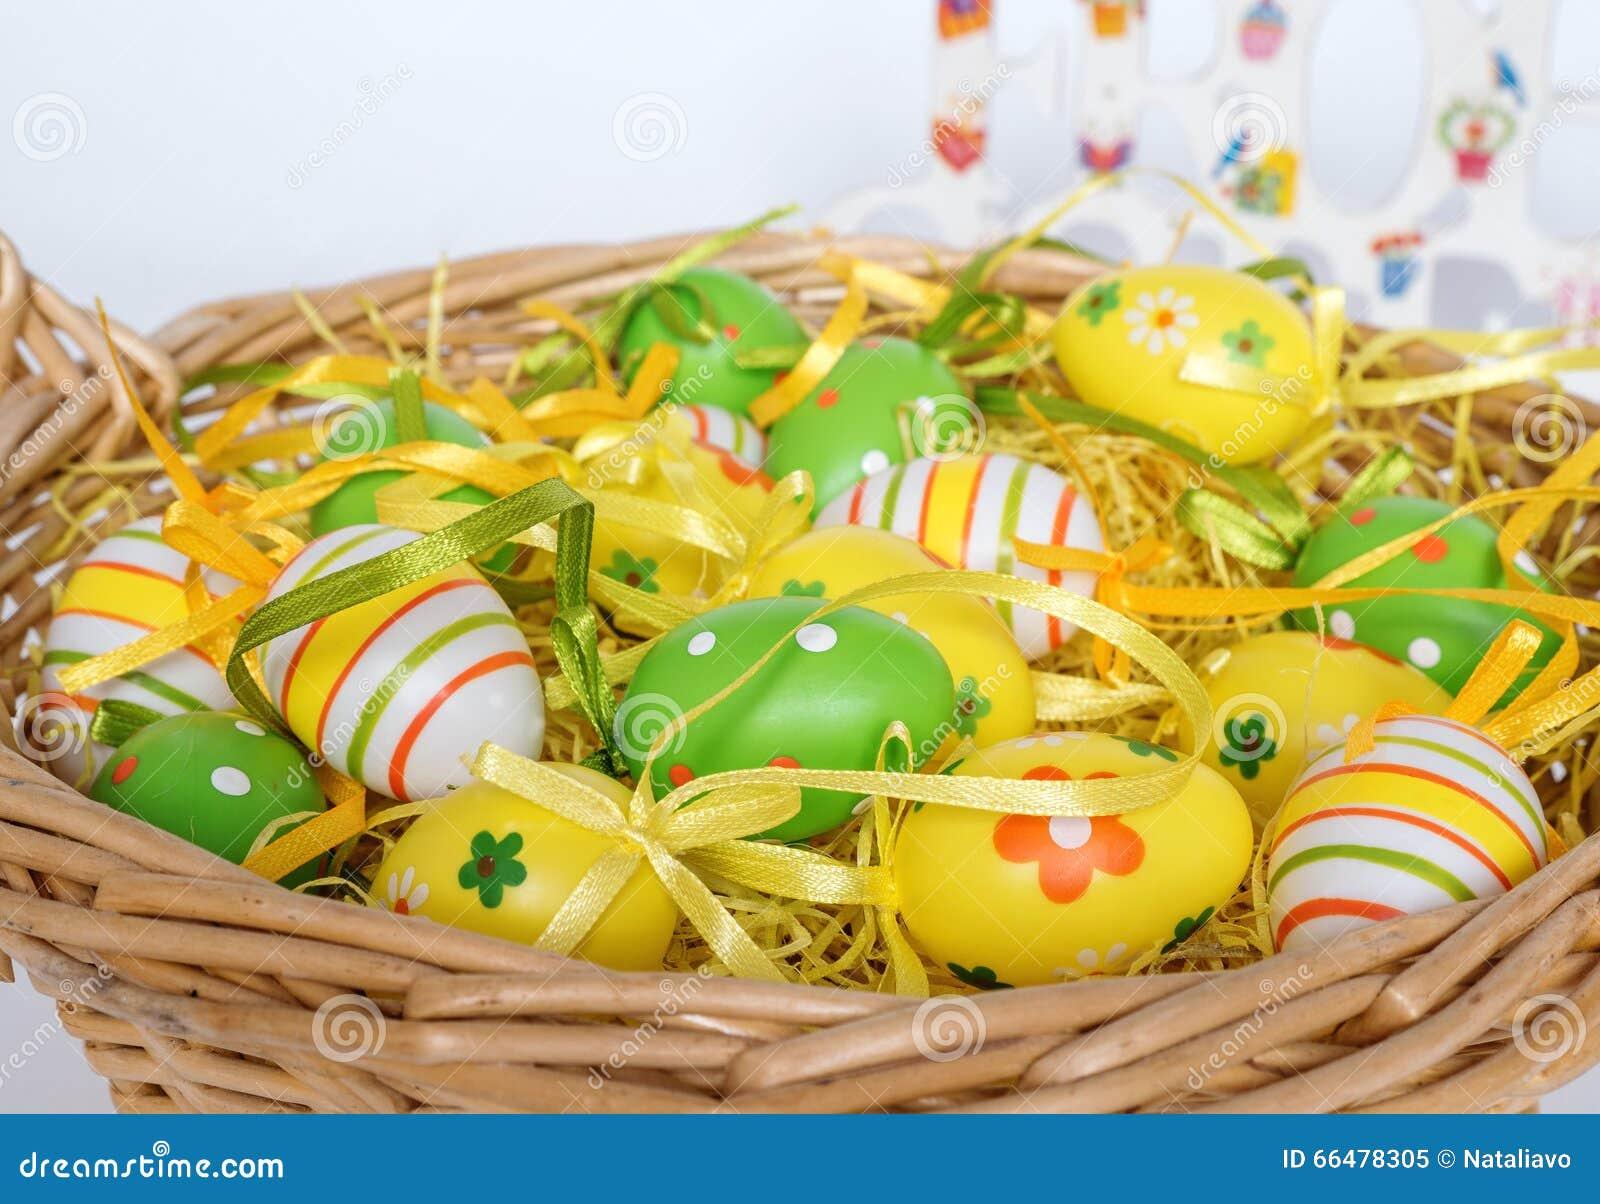 Uova dipinte decorate per pasqua con la merce nel carrello - Uova decorate per bambini ...